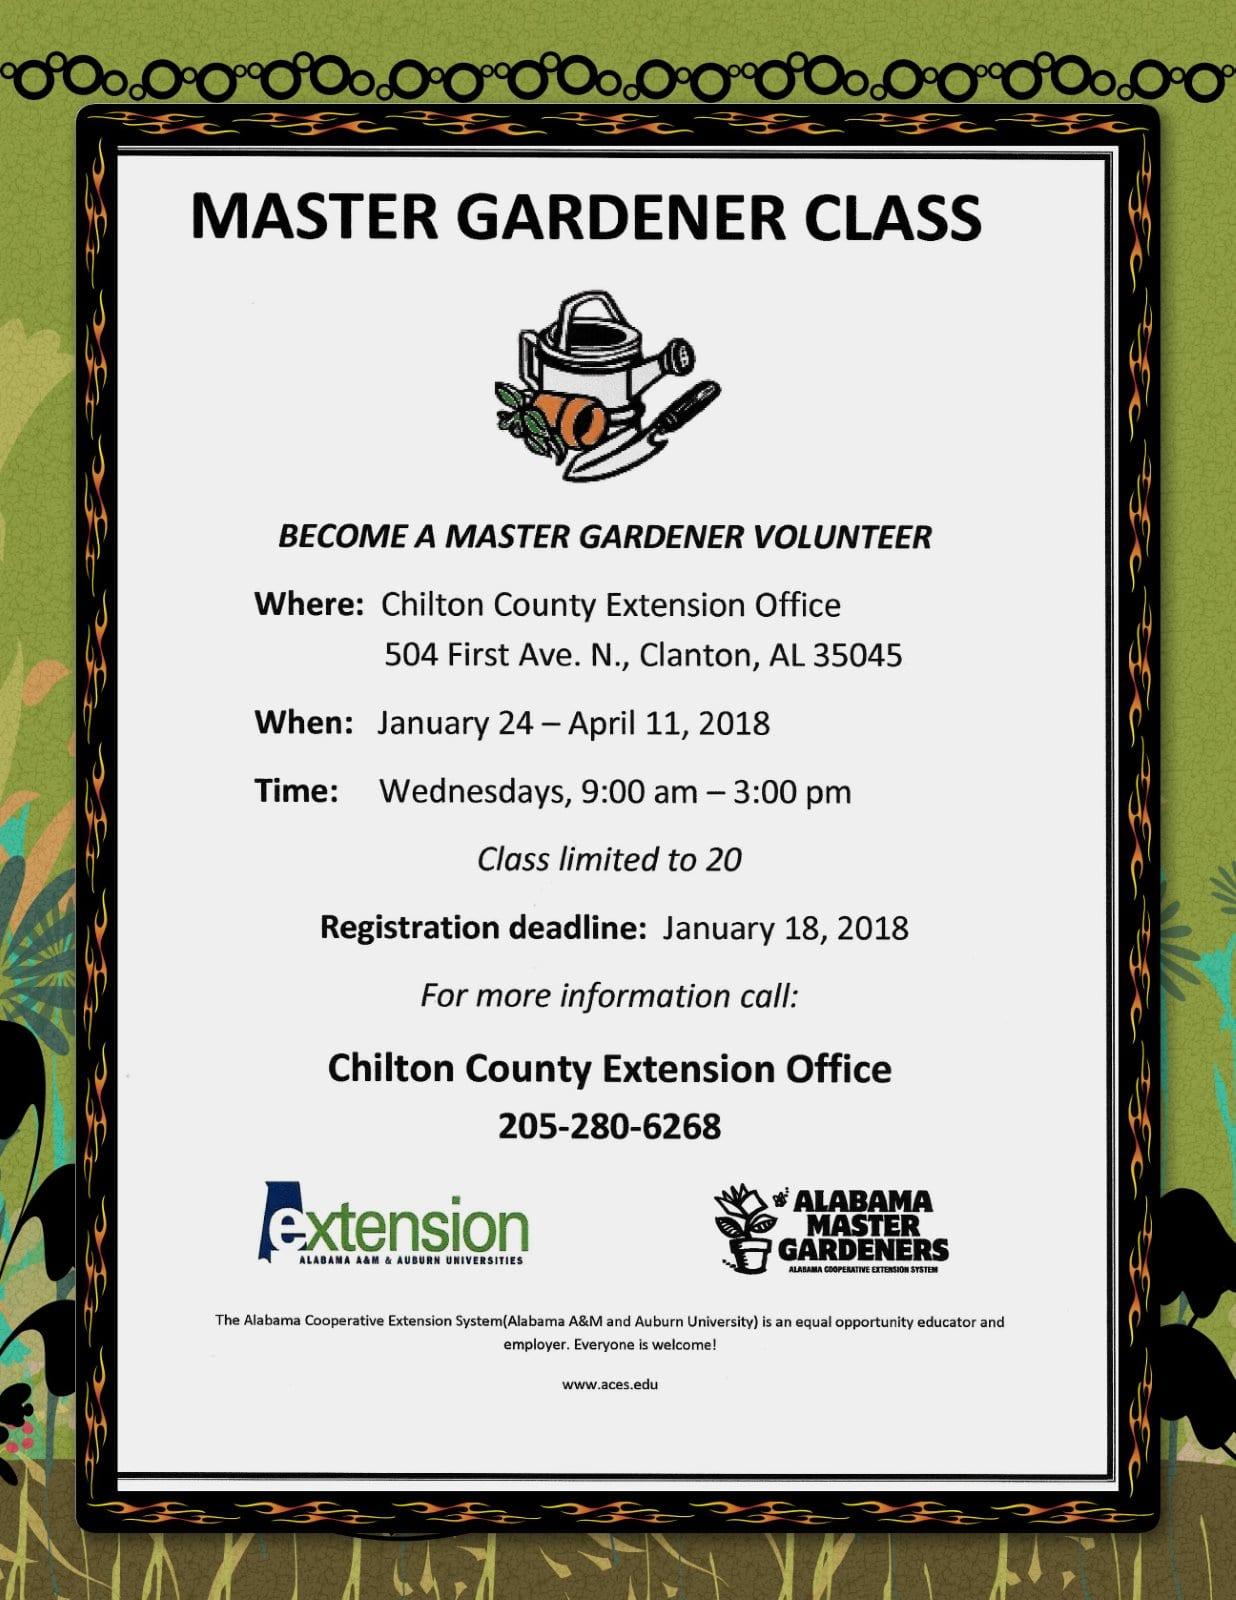 Master Gardener class poster